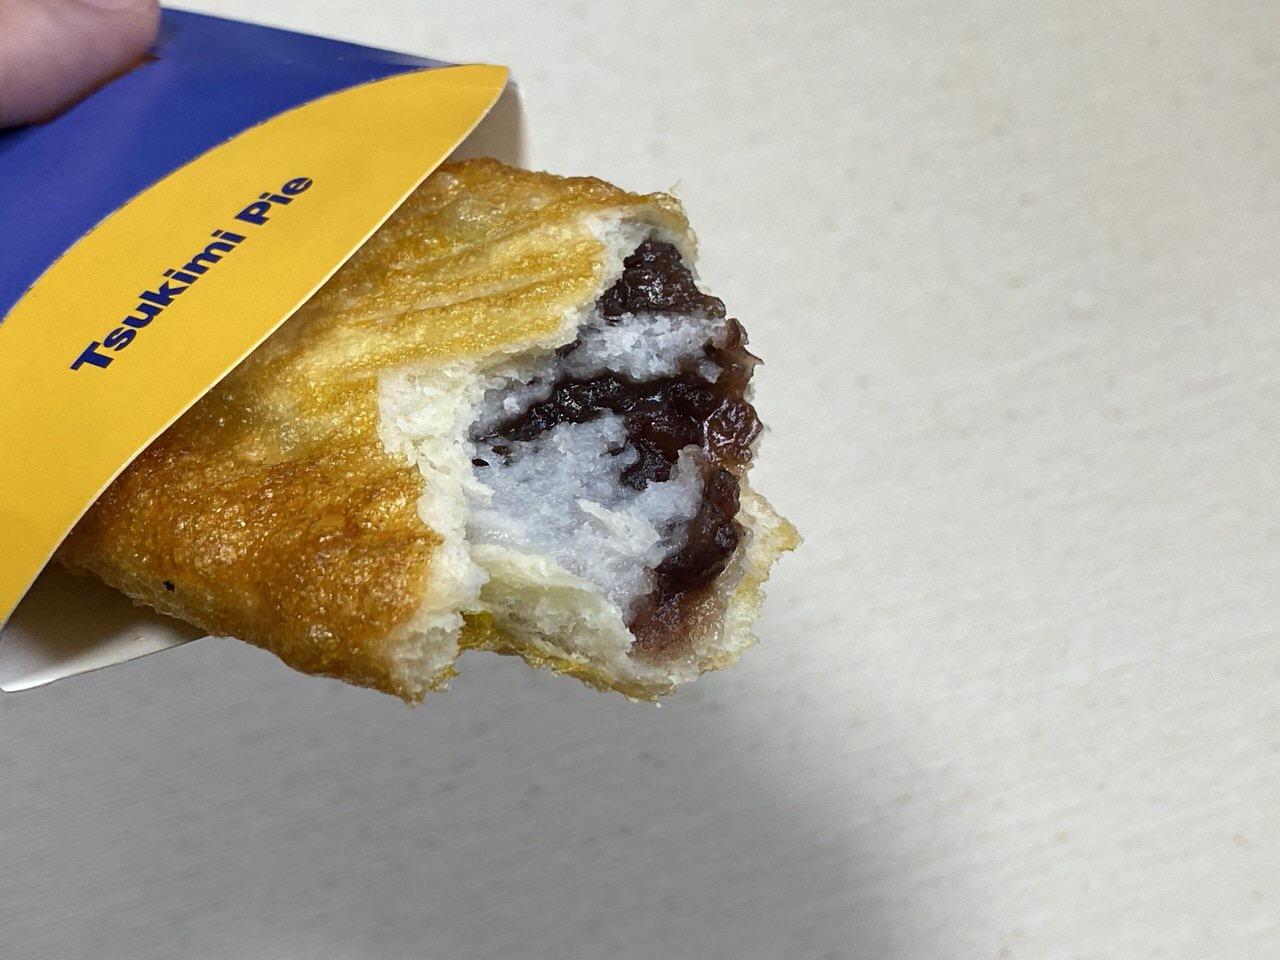 【マクドナルド】サクサクモチーン!秋限定「月見パイ」が美味しいので餅とあんこ好きは絶対に食べてみるべきです